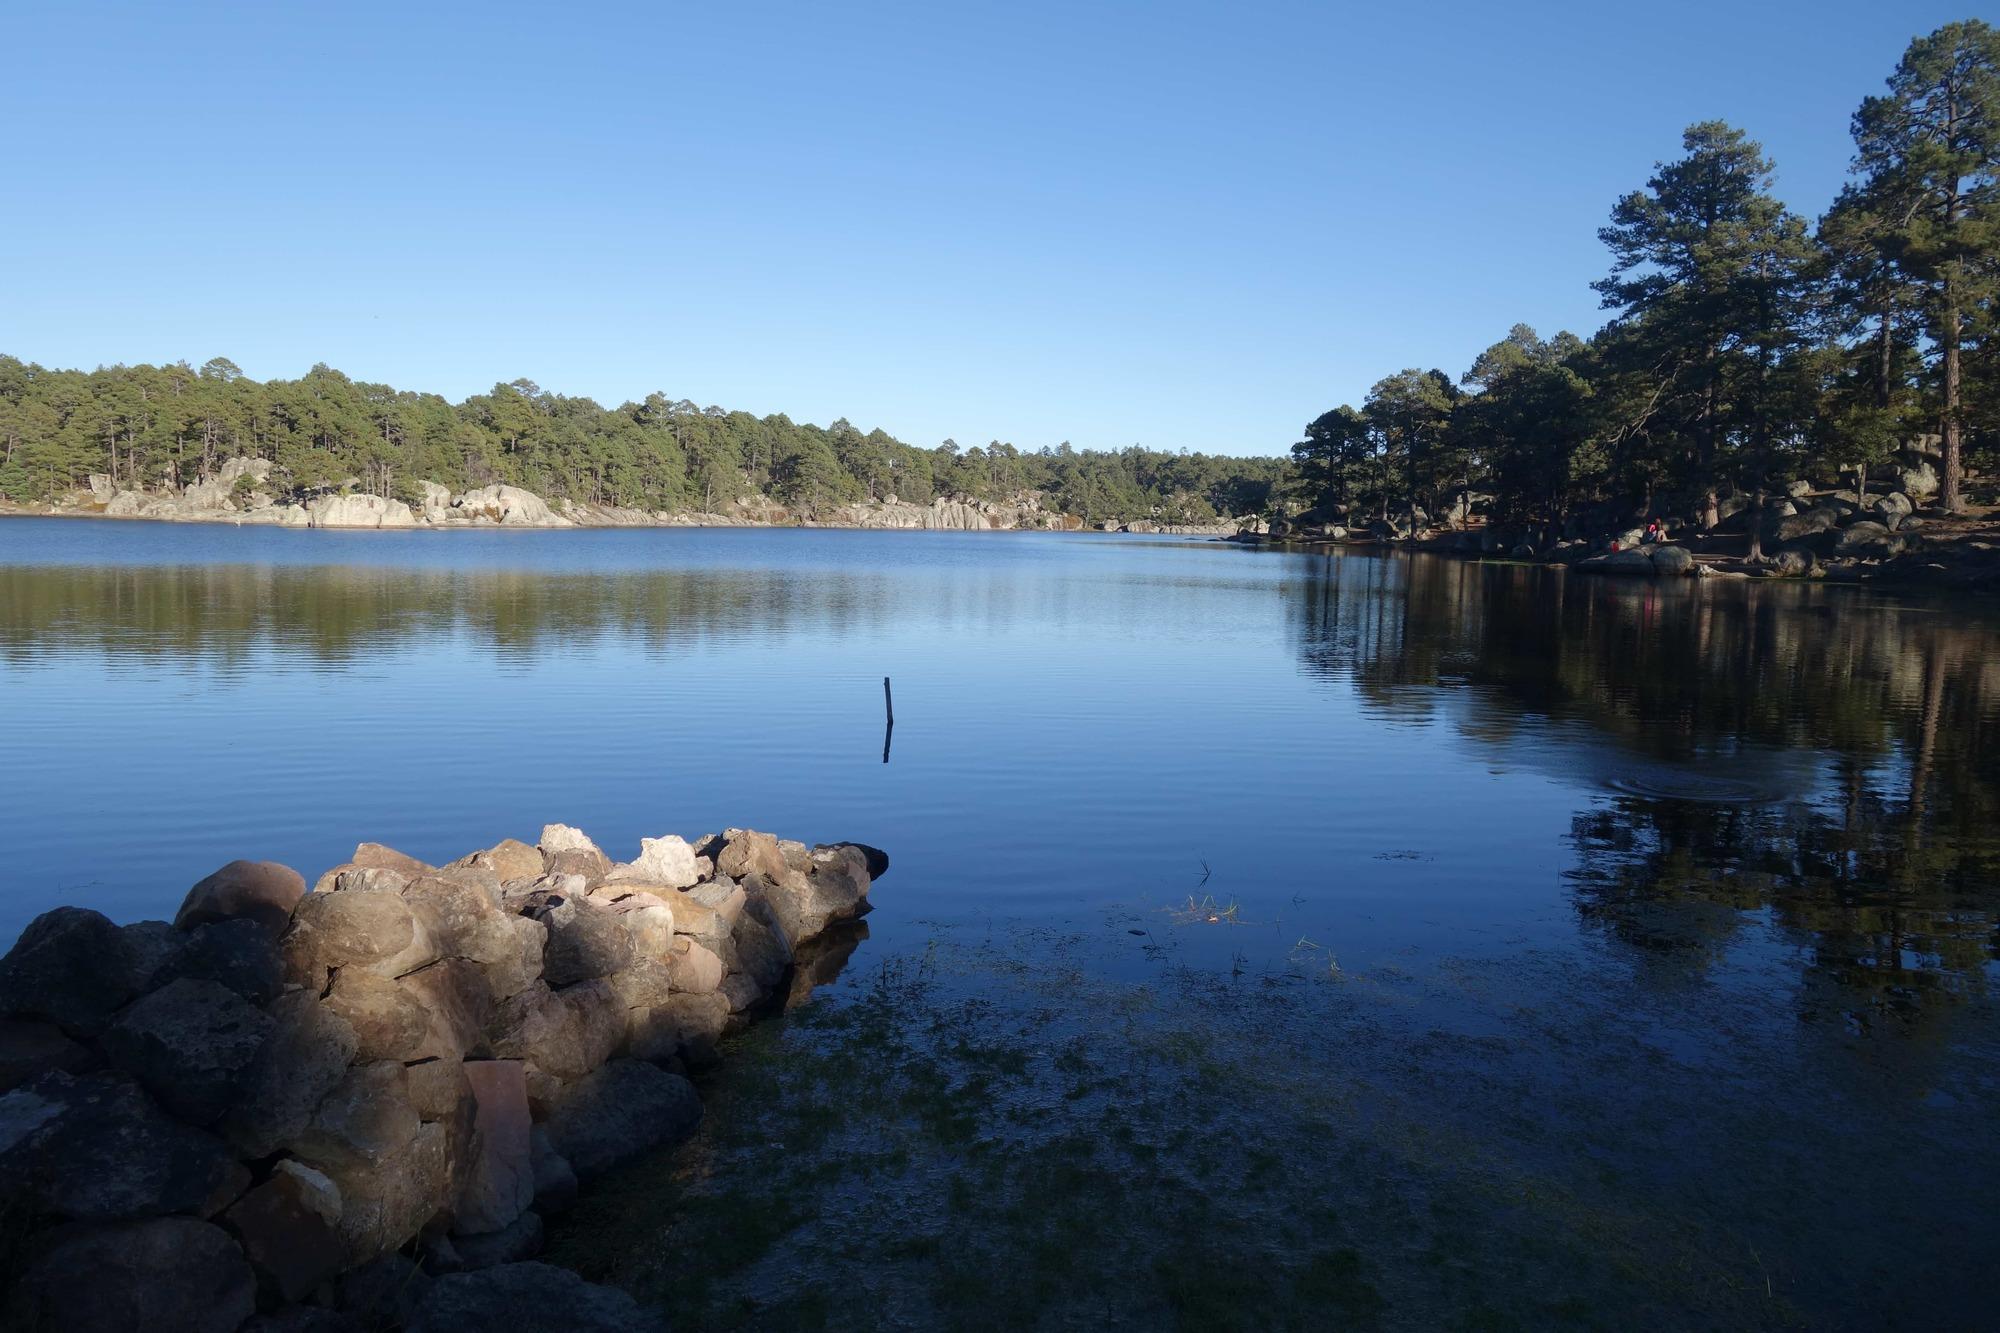 qué hacer en creel lago